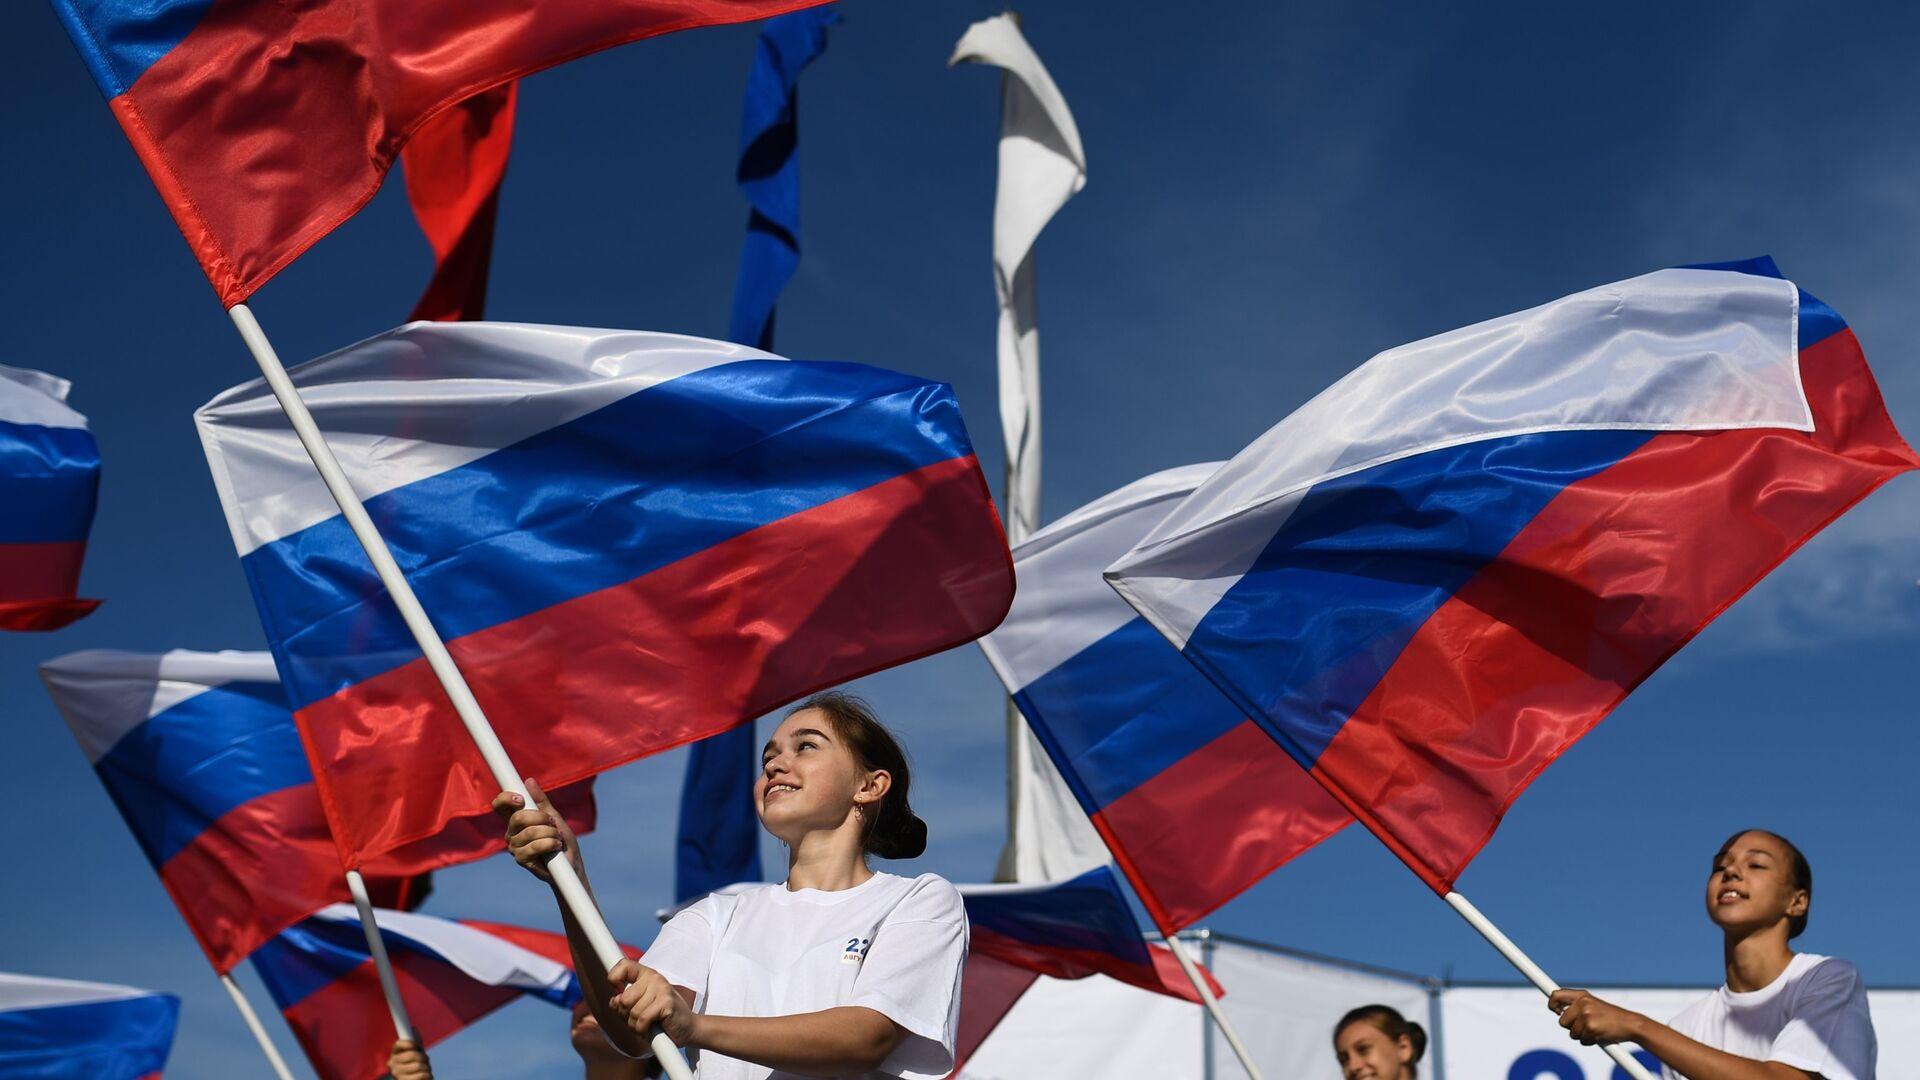 Jóvenes con las banderas de Rusia - Sputnik Mundo, 1920, 12.06.2021